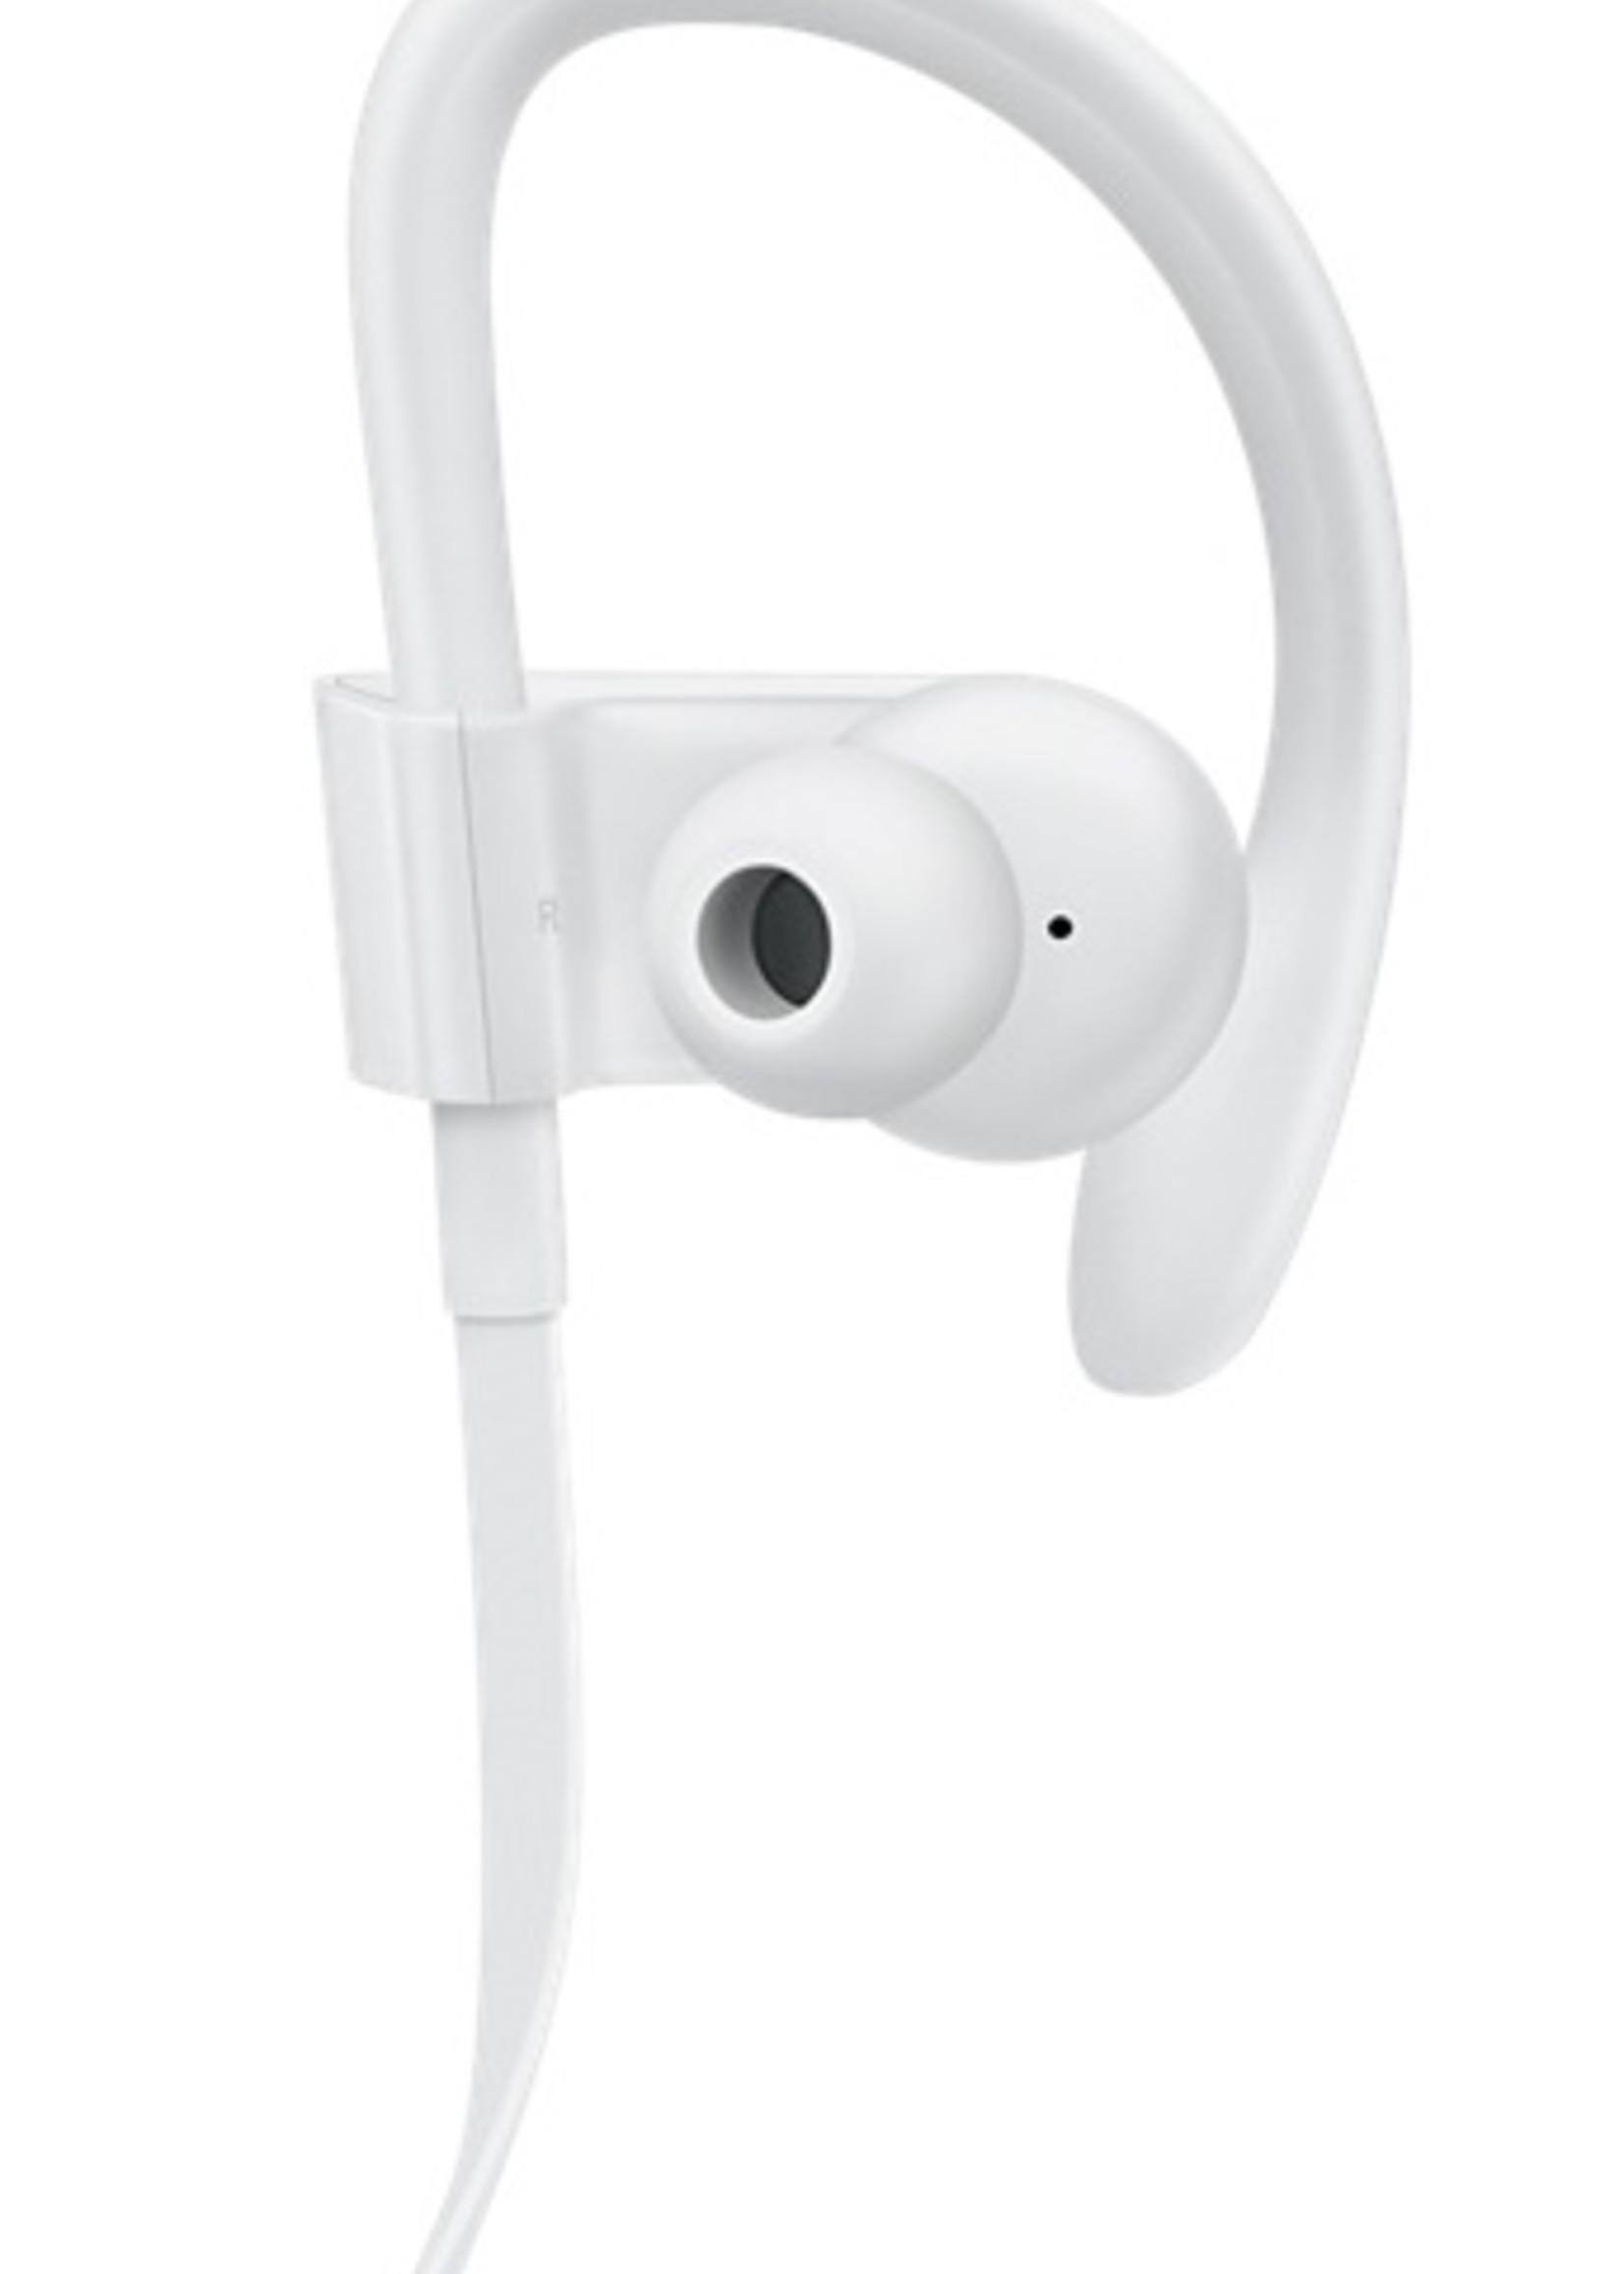 Powerbeats 3 Wireless Earphones - White